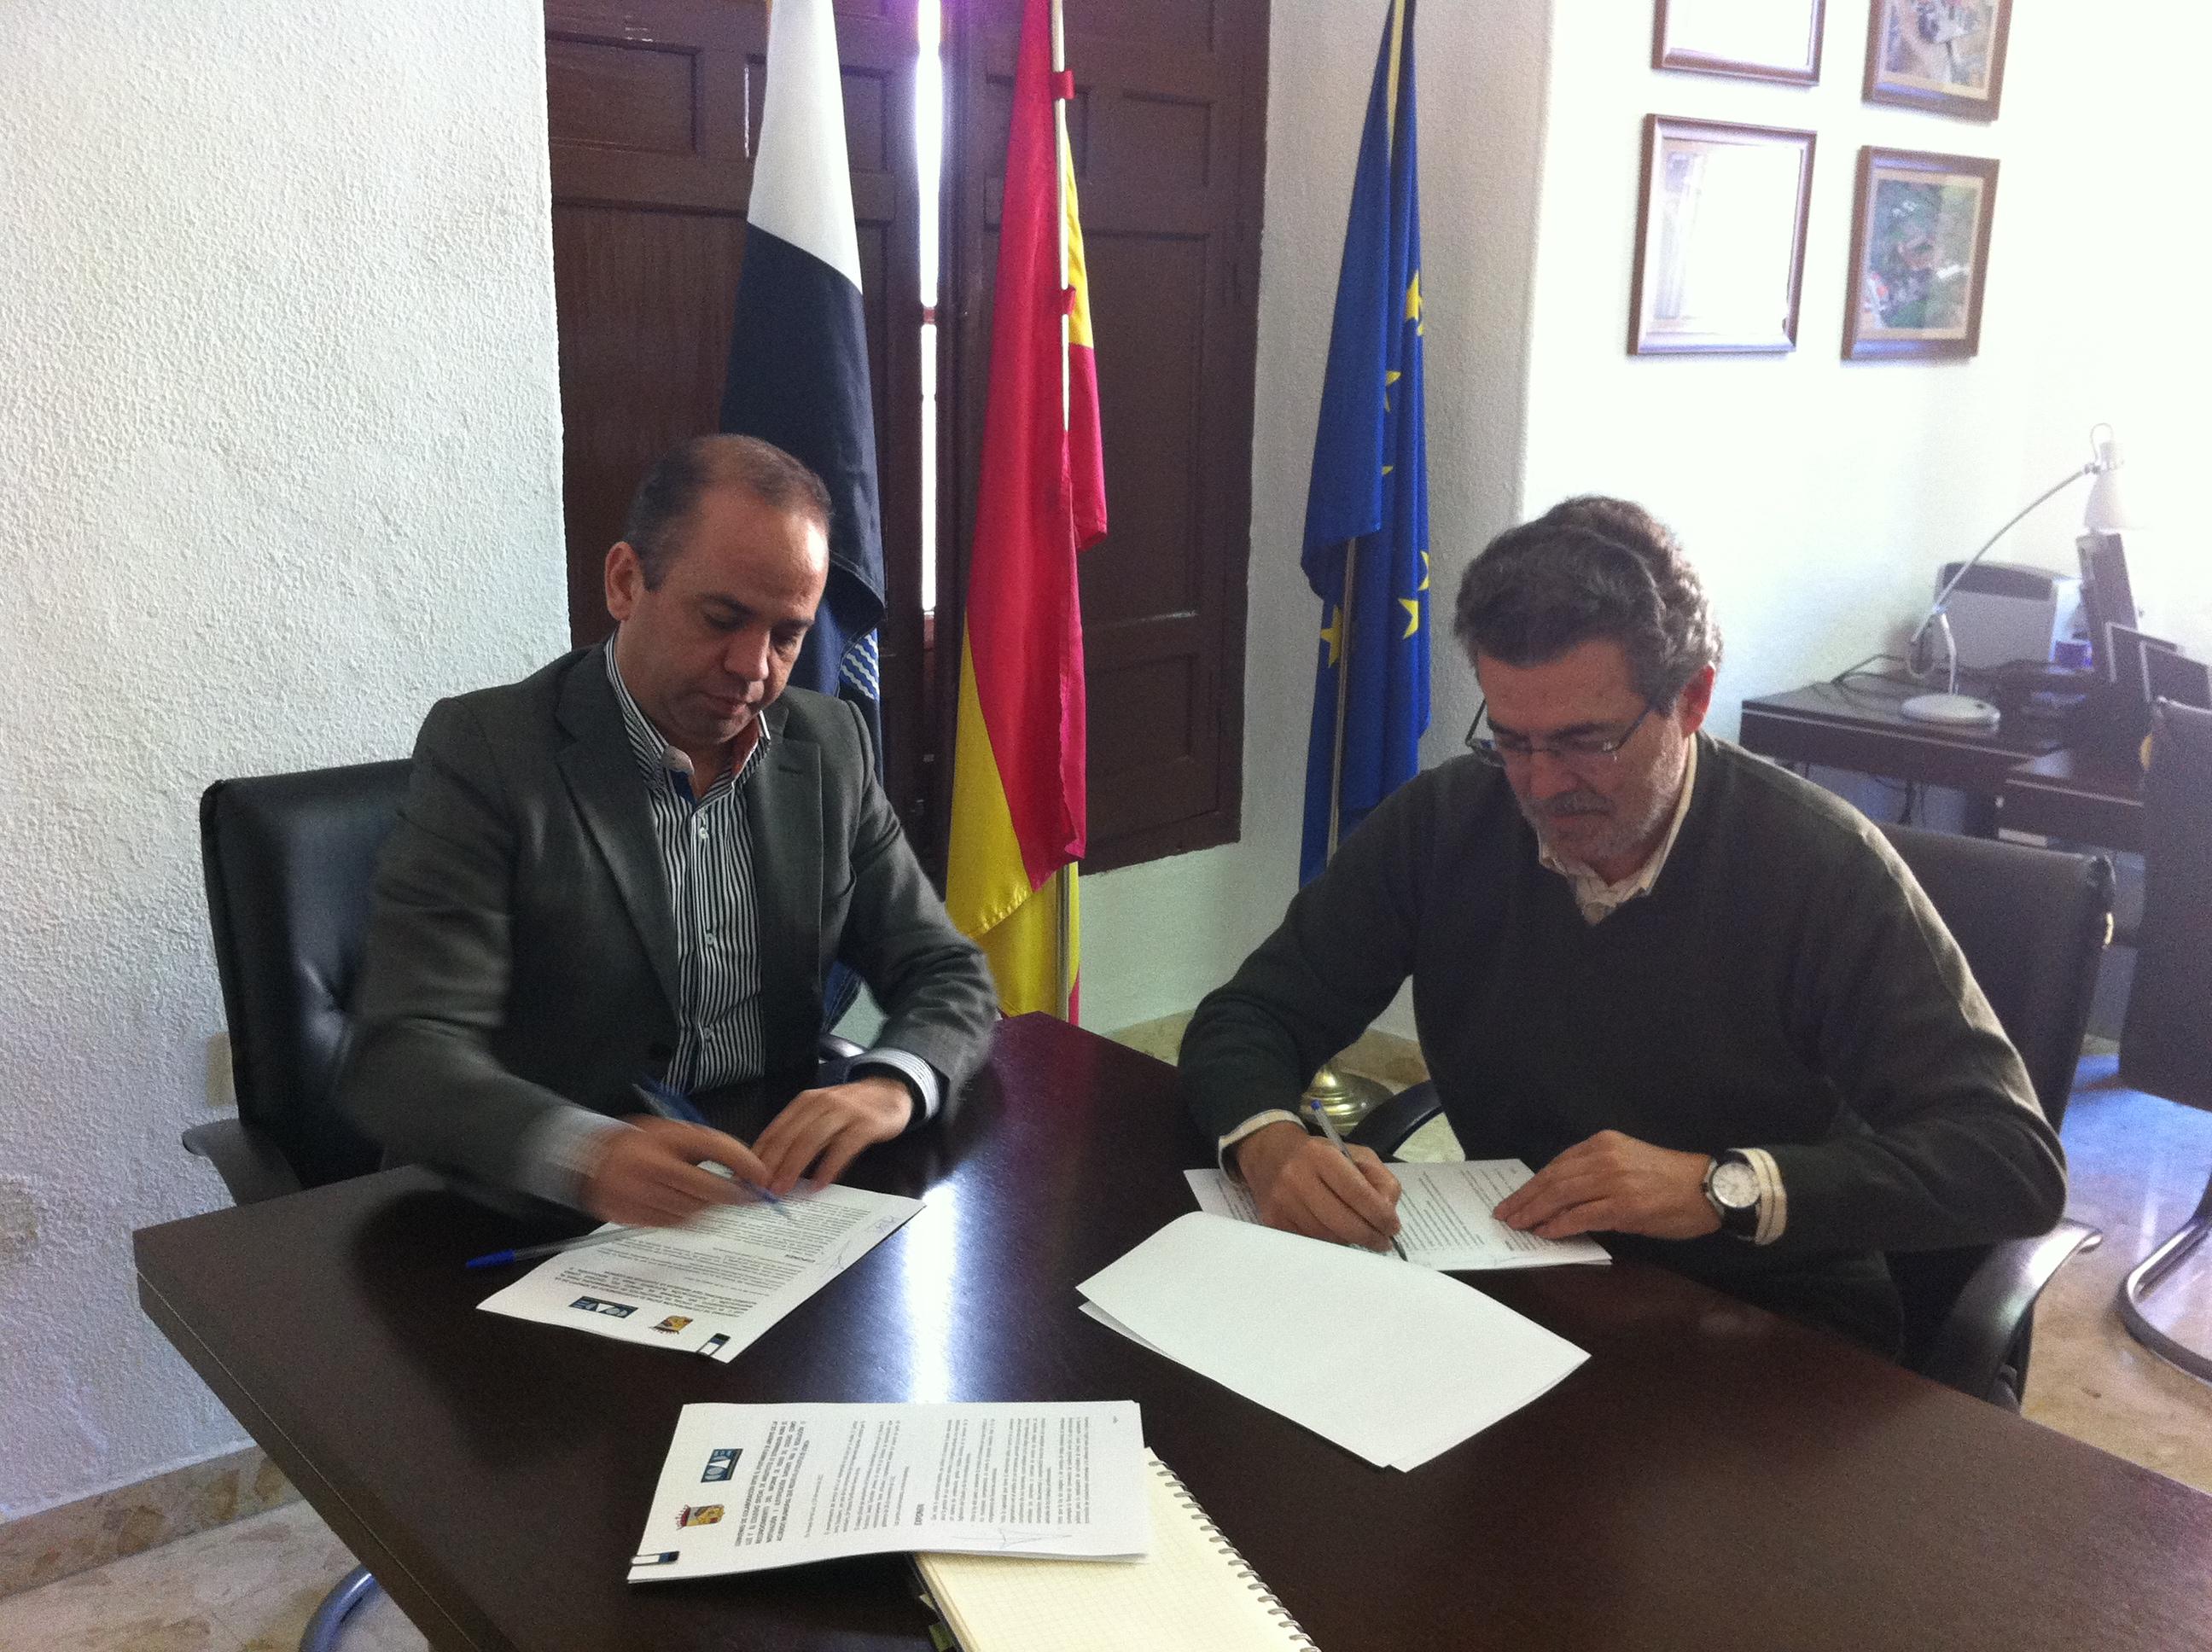 El Colegio de Arquitectos firma un convenio de colaboración con el Ayuntamiento